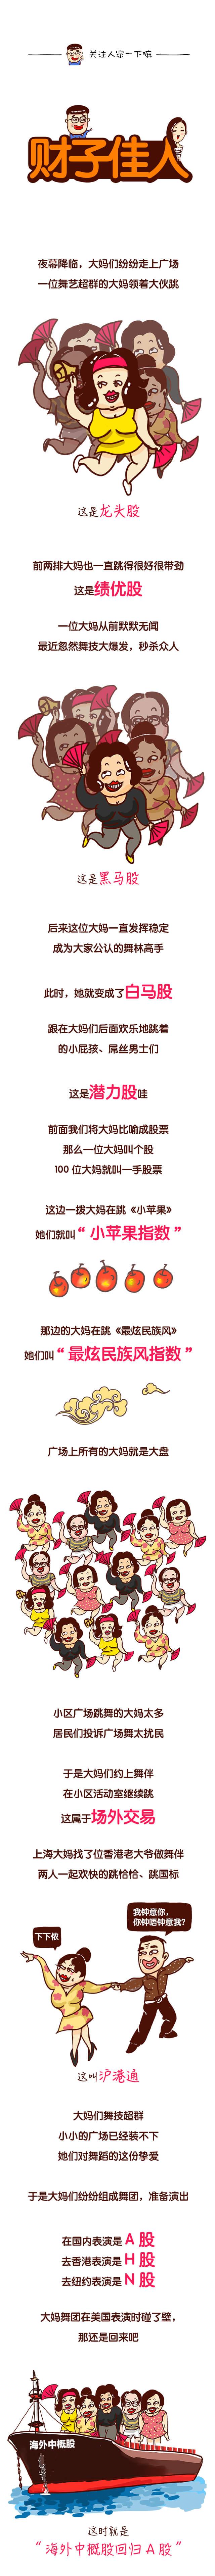 广场舞大妈股市(无二维码).jpg